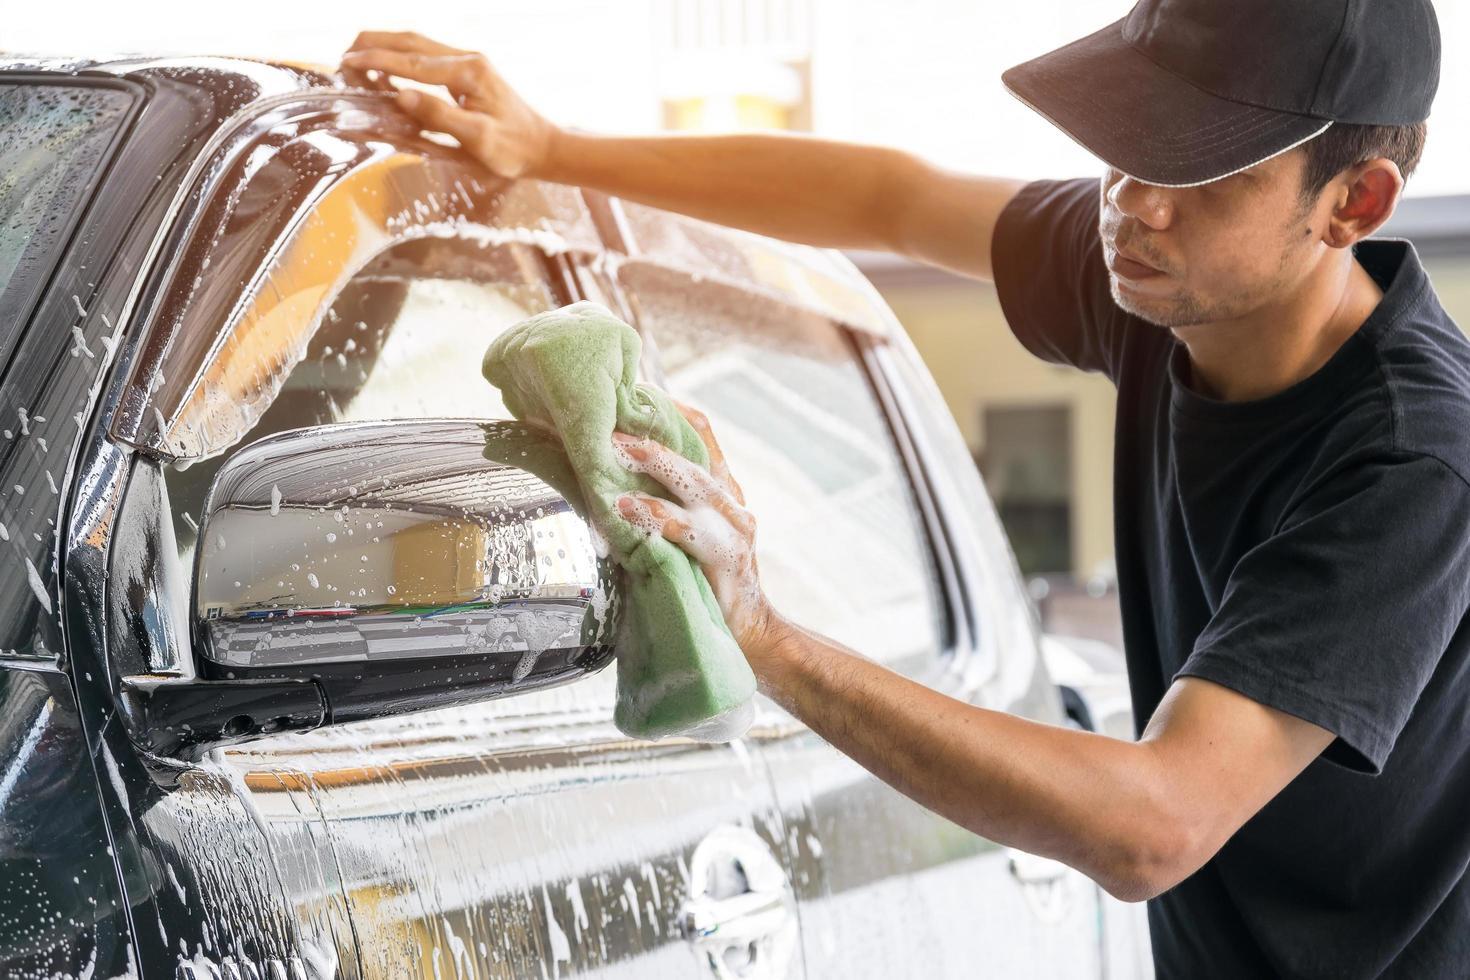 hombre lavando un auto en el lavado de autos foto